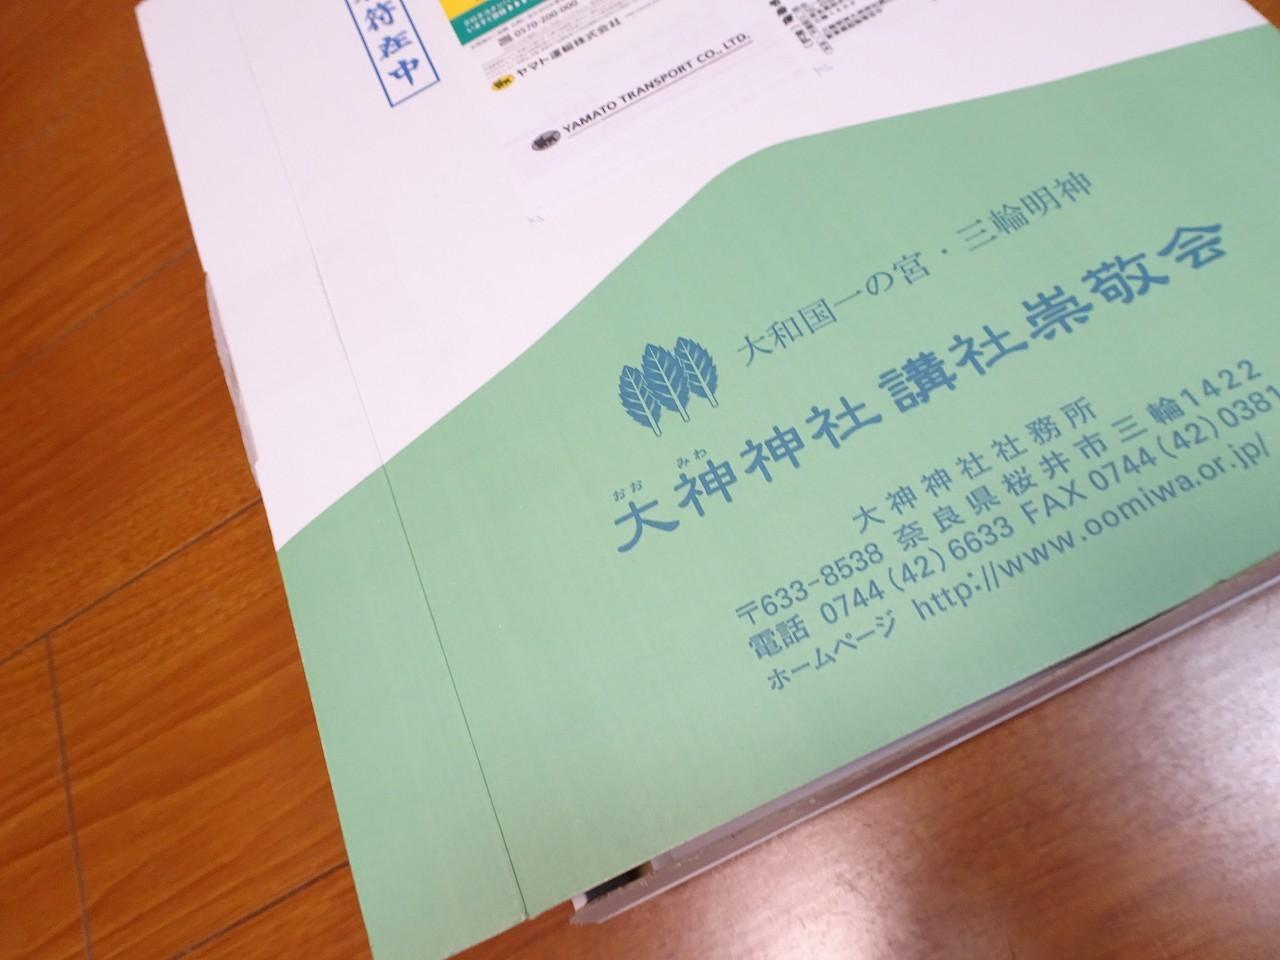 桐箪笥の社長ブログ 大神神社の三輪明神様からご神符等が毎年送られてきます。